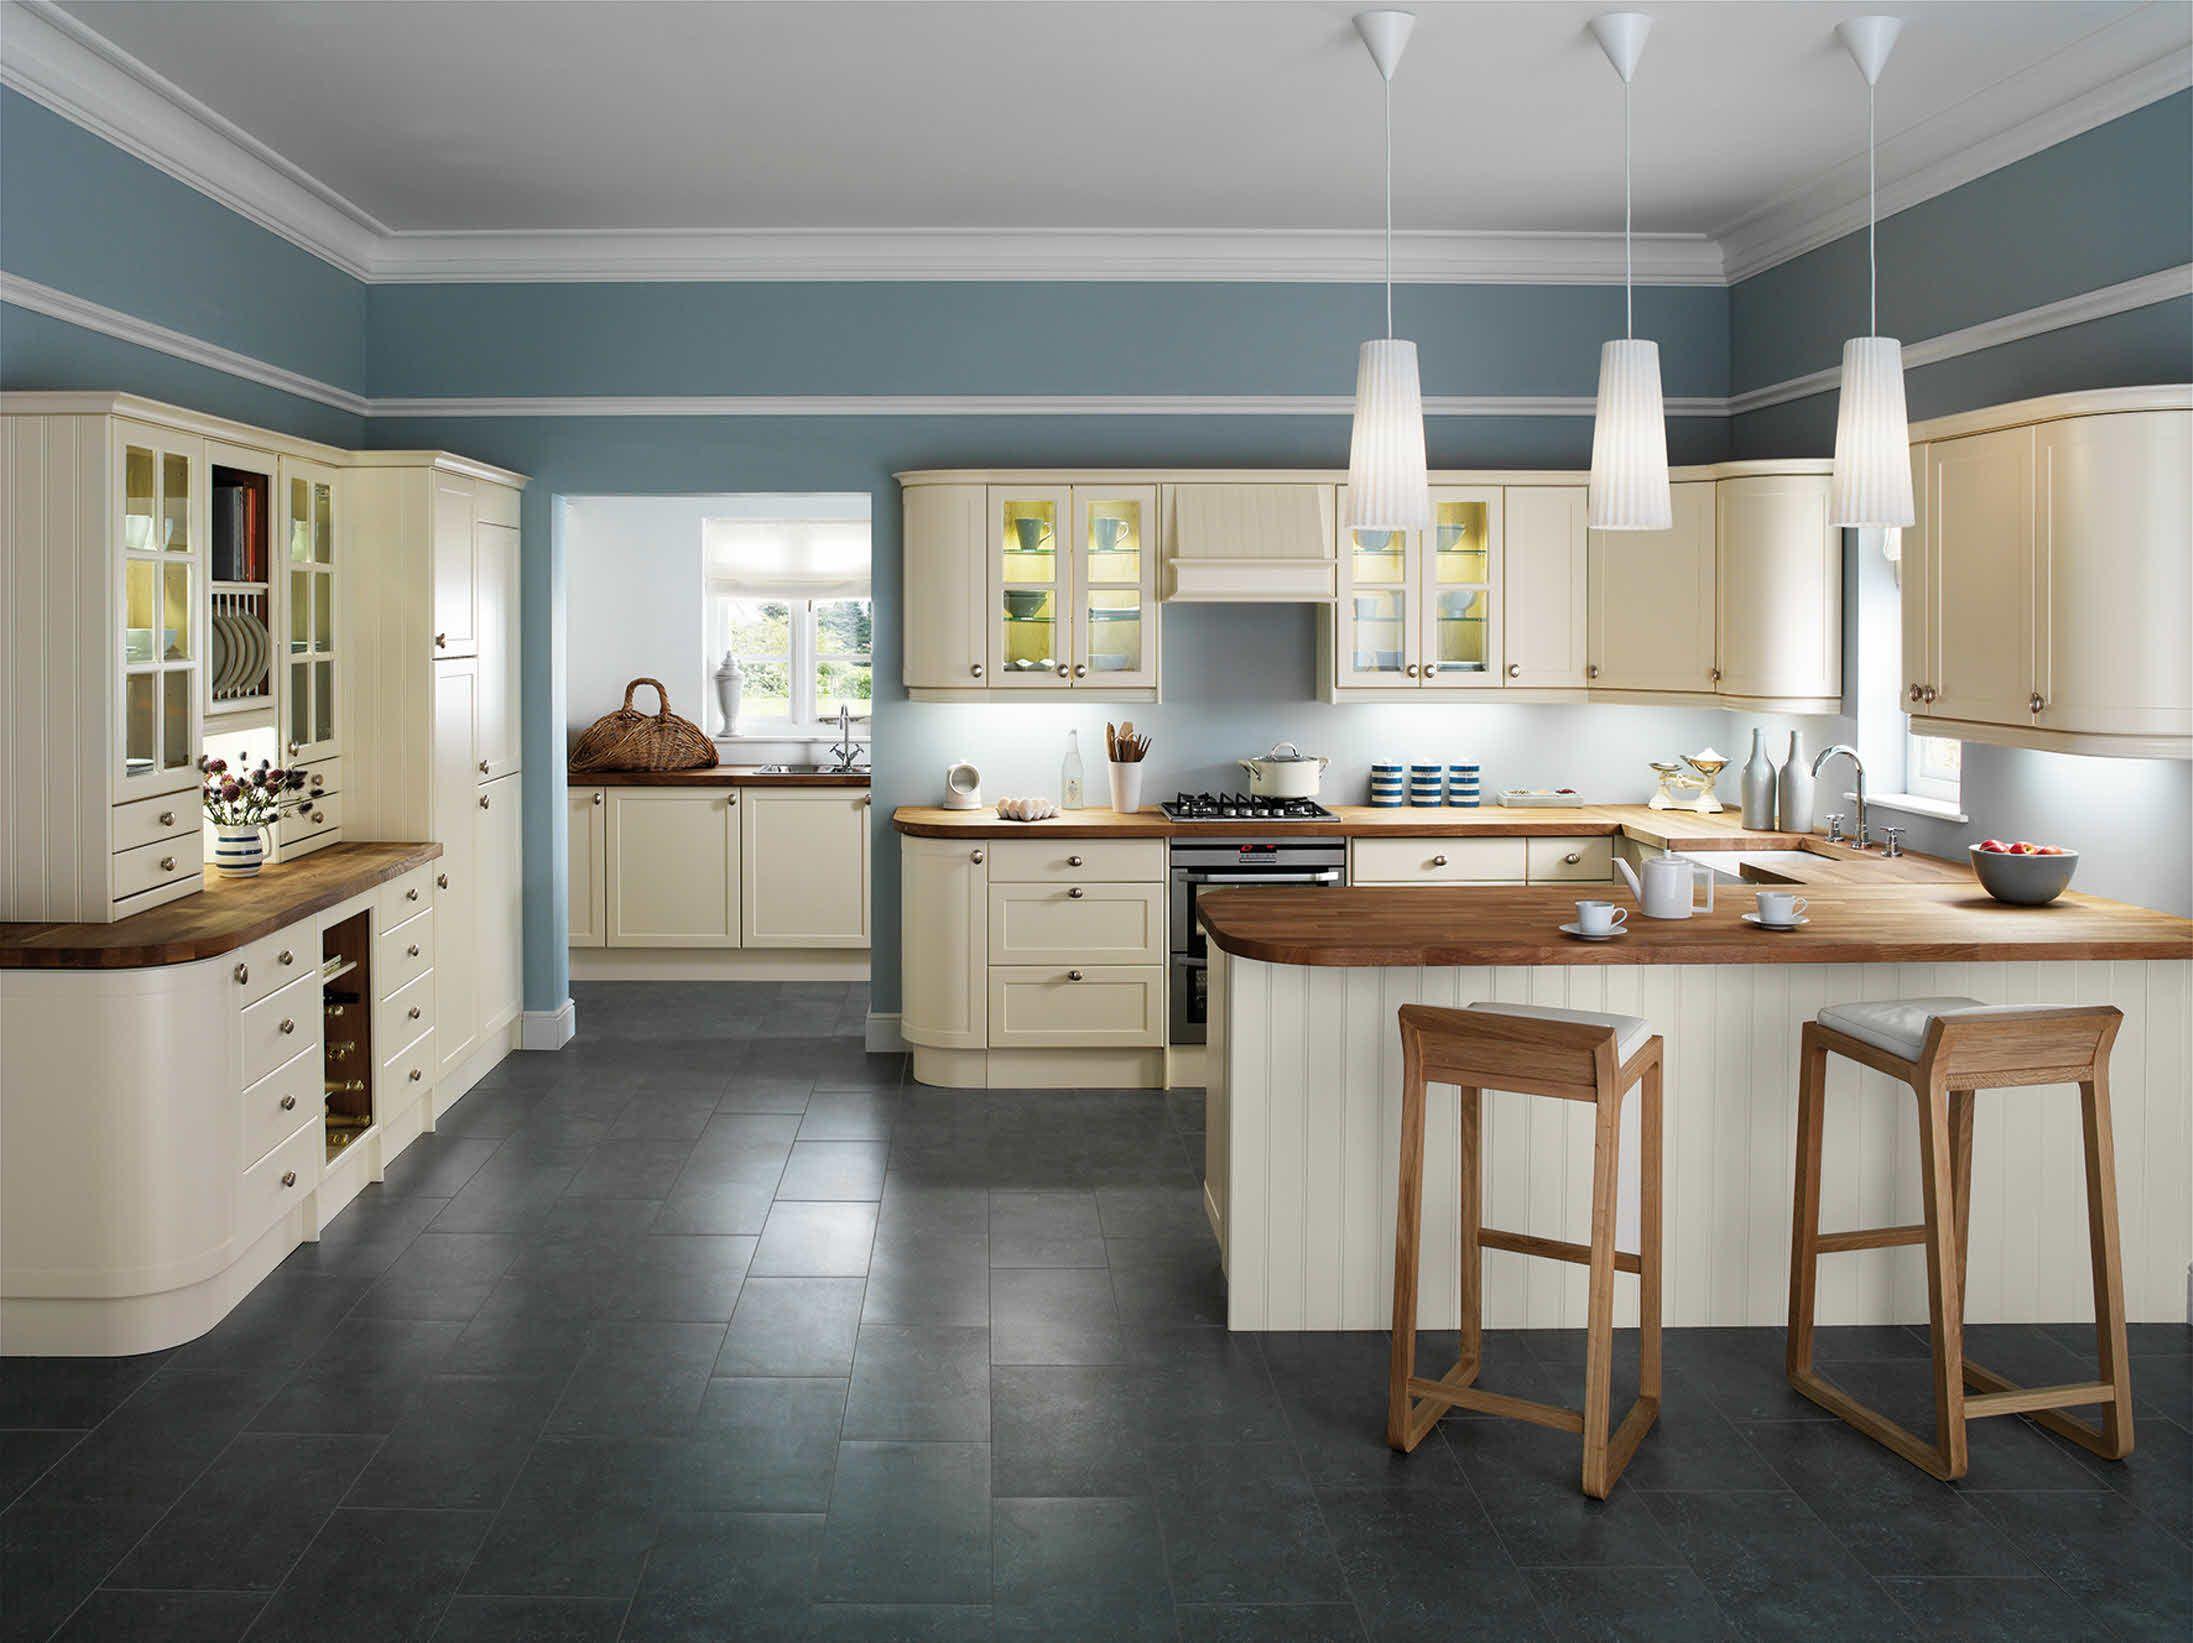 Gemütlich Shaker Stil Küchenmöbel Uk Bilder - Ideen Für Die Küche ...